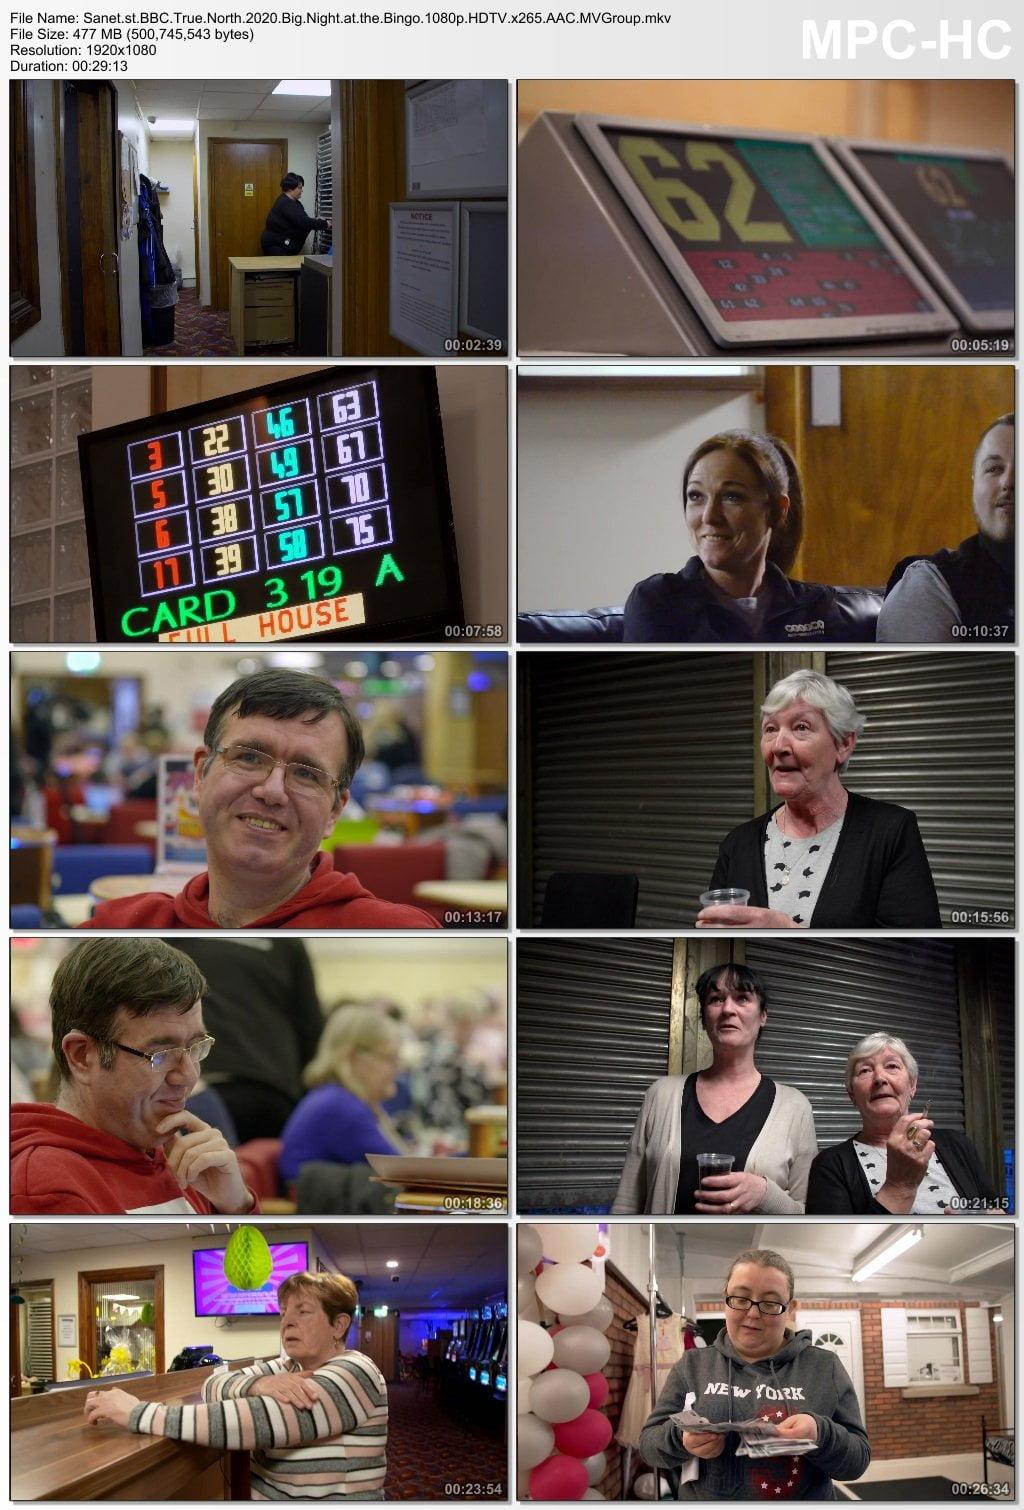 BBC Adds 'True North-Big Night At The Bingo' Documentary To iPlayer